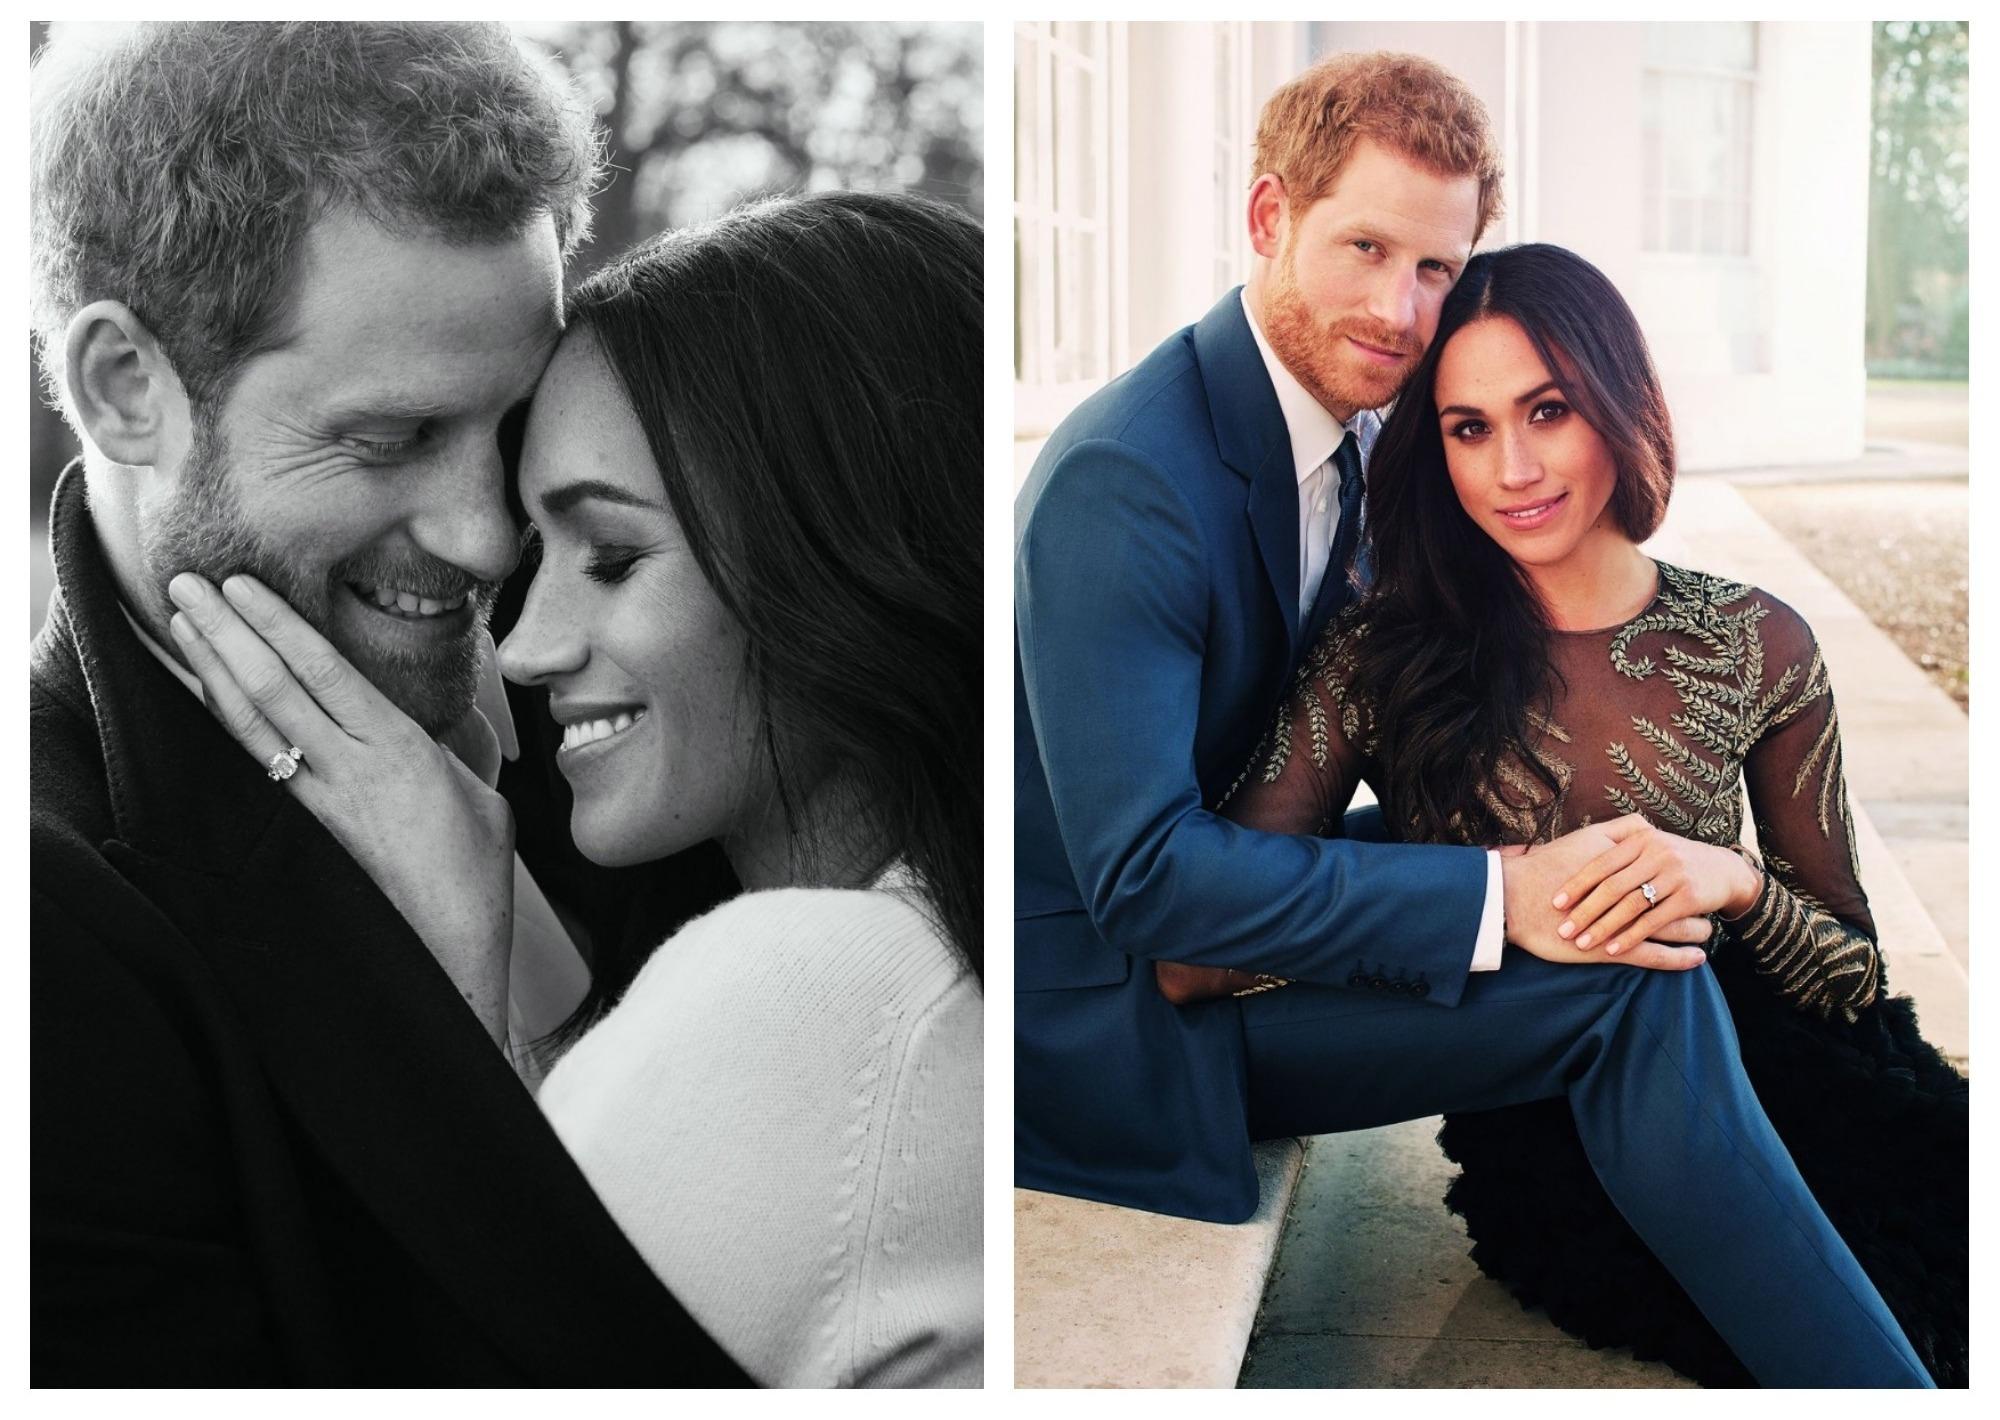 Сколько стоит обручальное кольцо невесты принца Гарри актрисы Меган Маркл? - ФОТО